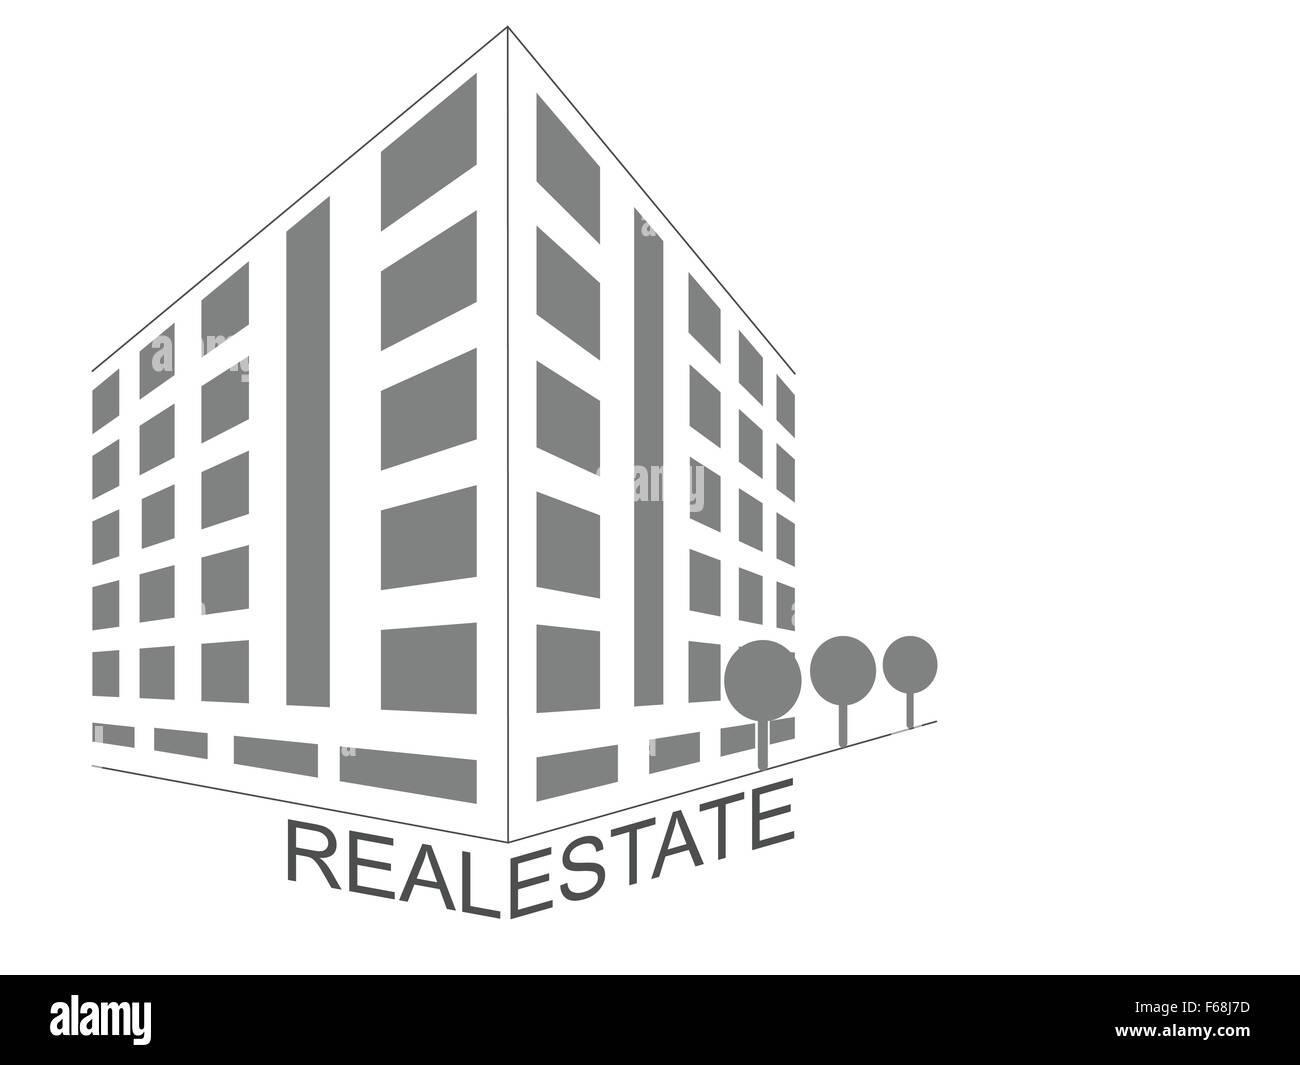 Real Estate Development Icon : Home icon abstract concept real estate development